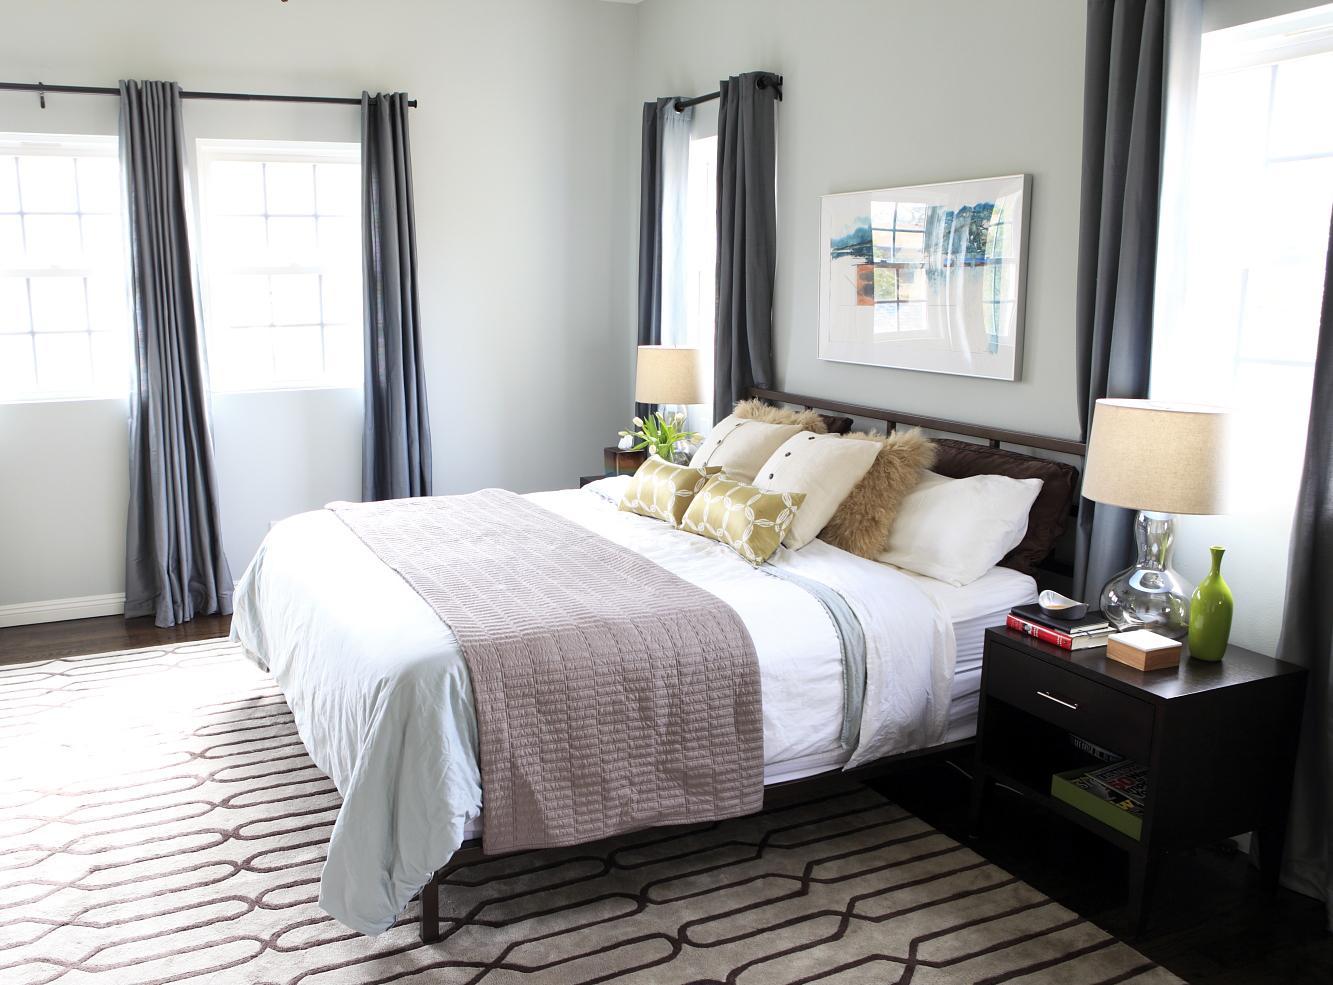 Кровать изголовьем к окну по фен шуй